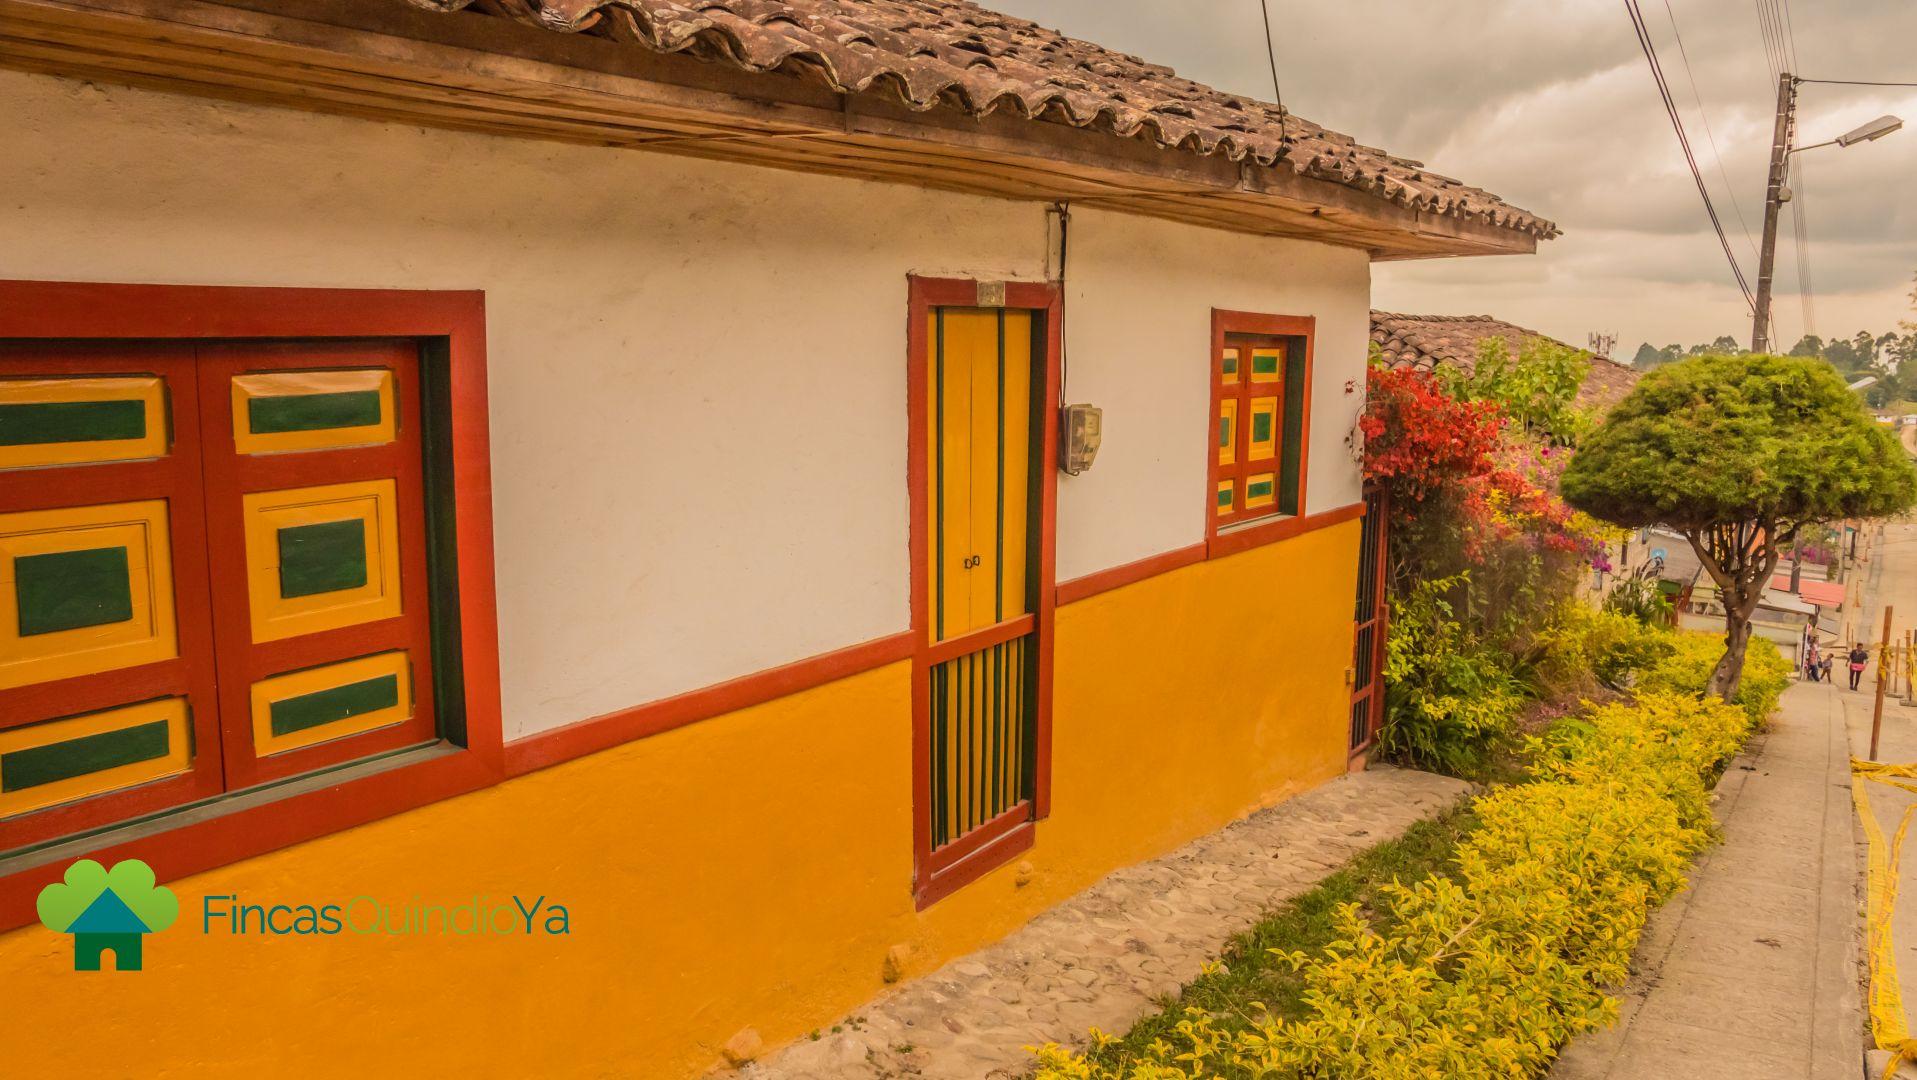 Foto de una fachada colonial de color rojo, naranja y blanca